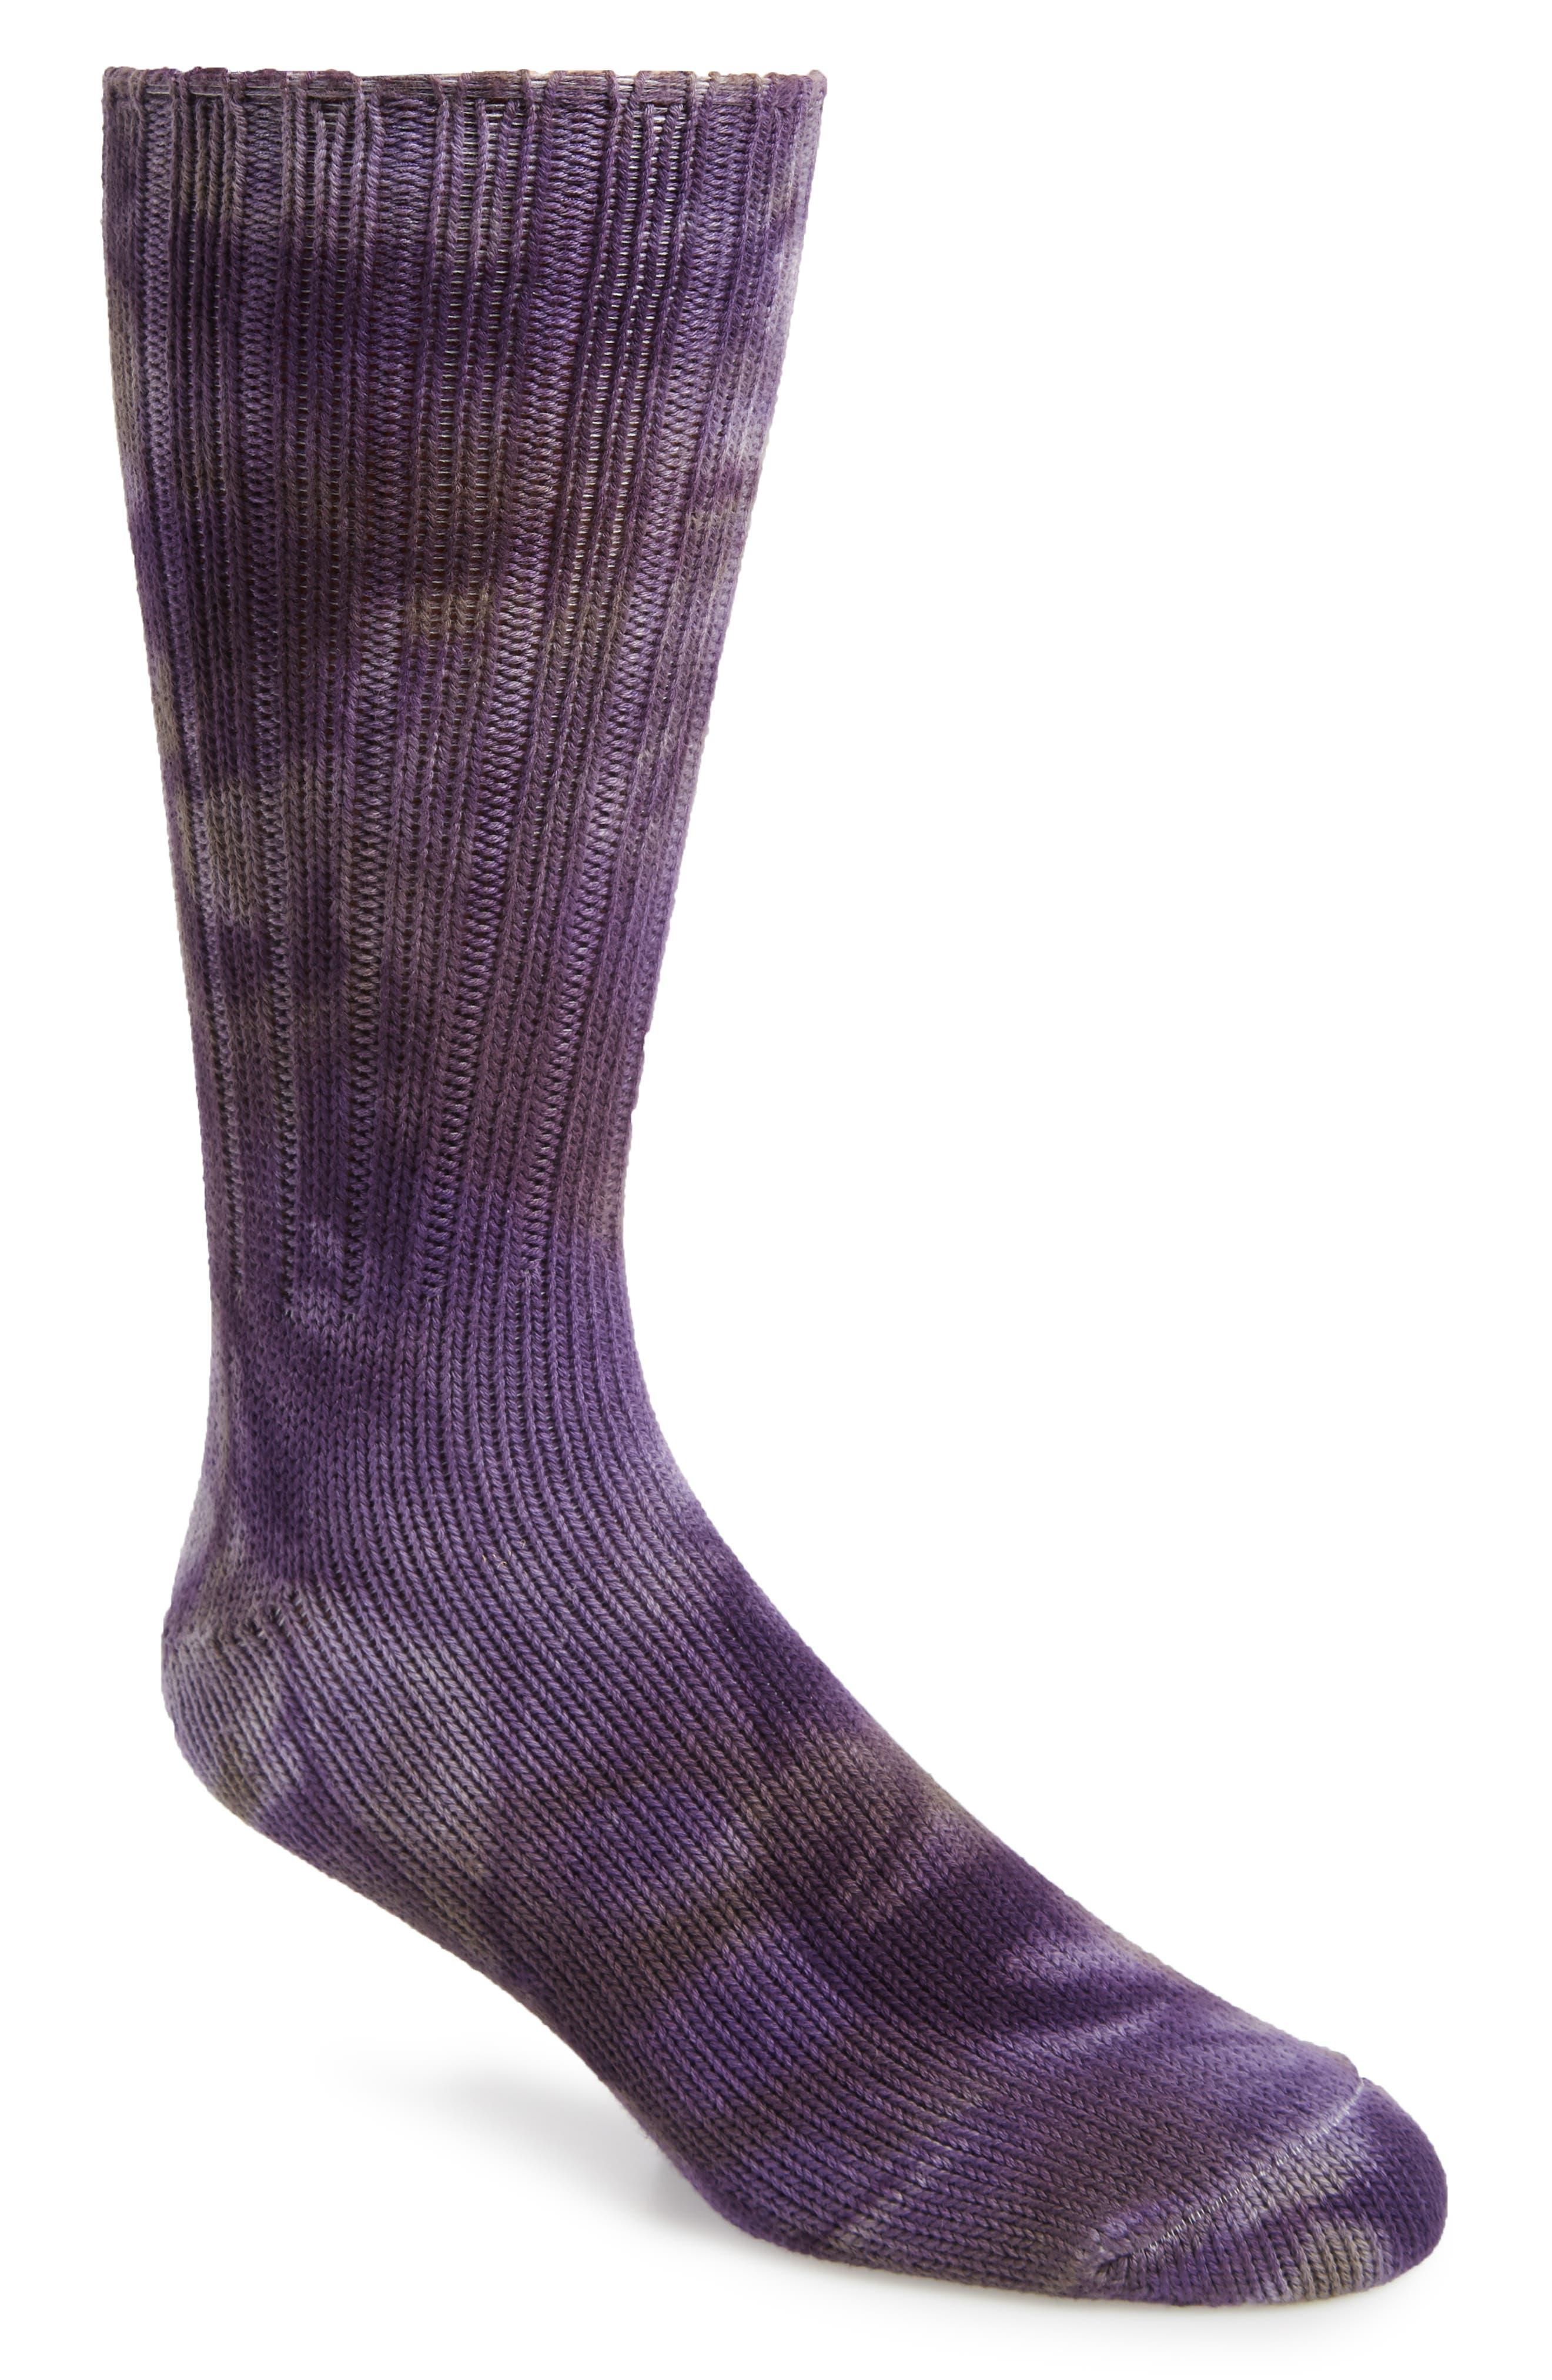 ANONYMOUS ISM Uneven Dye Socks in Purple